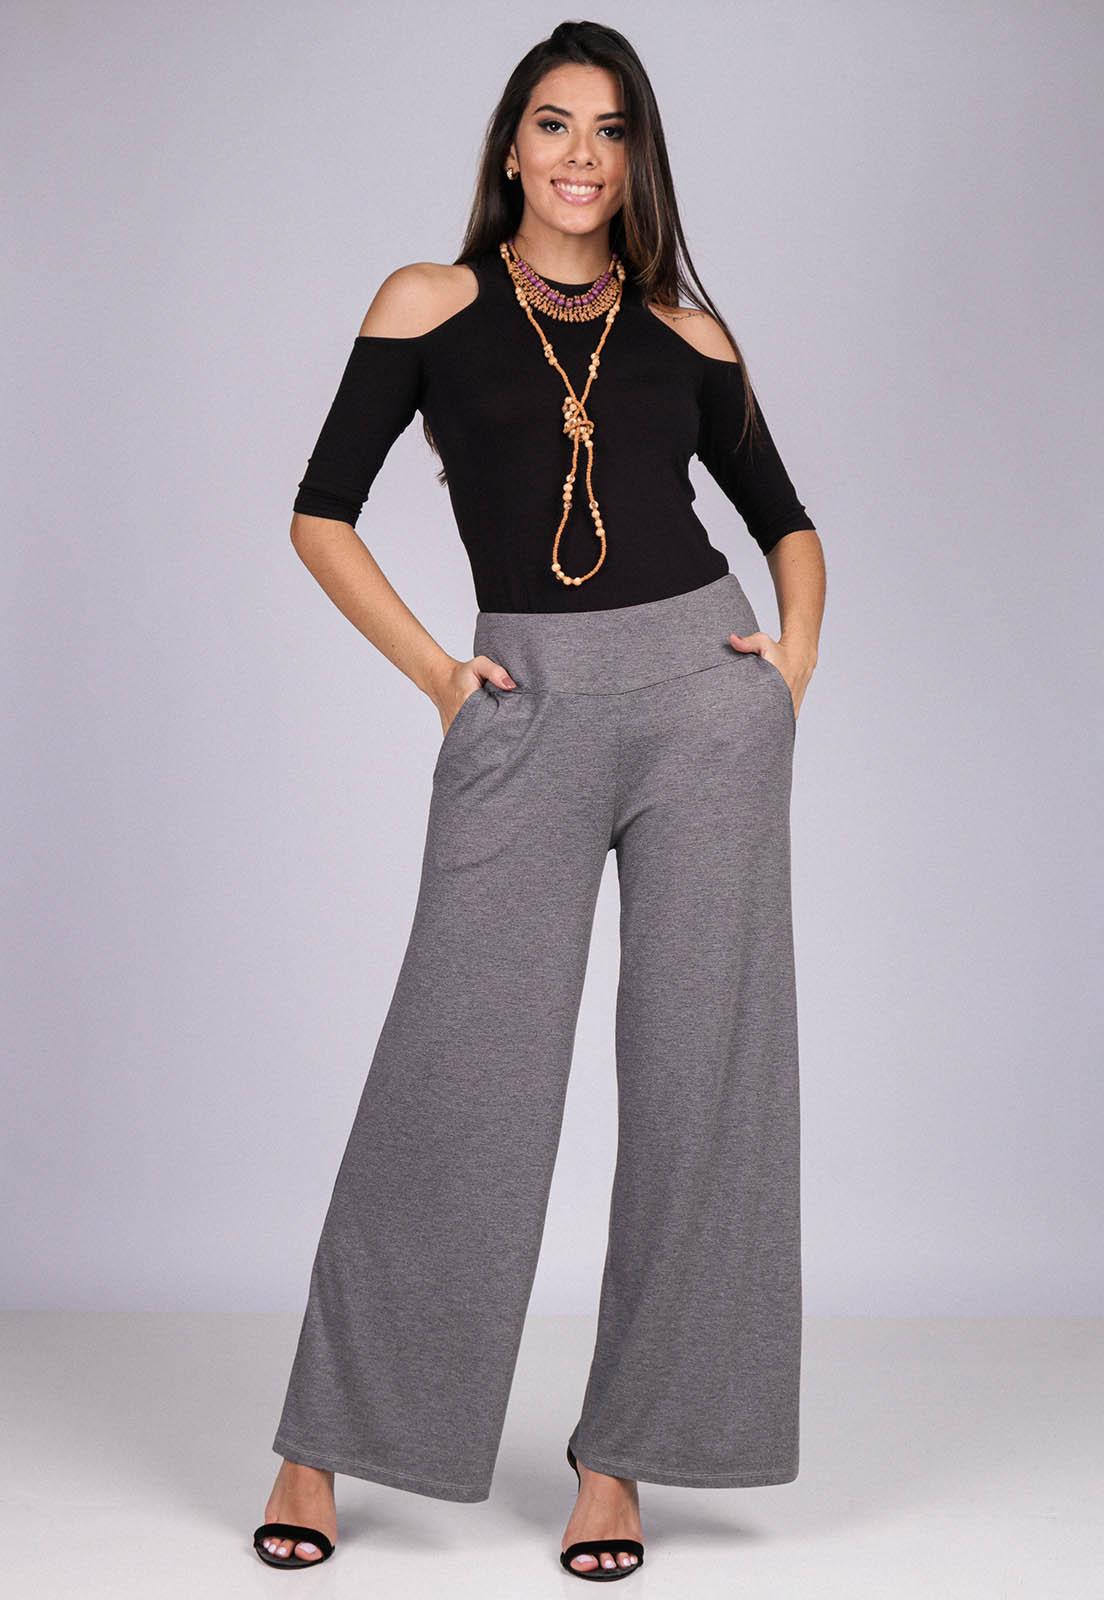 Calça Reta Pantalona Malha com Bolso Mescla